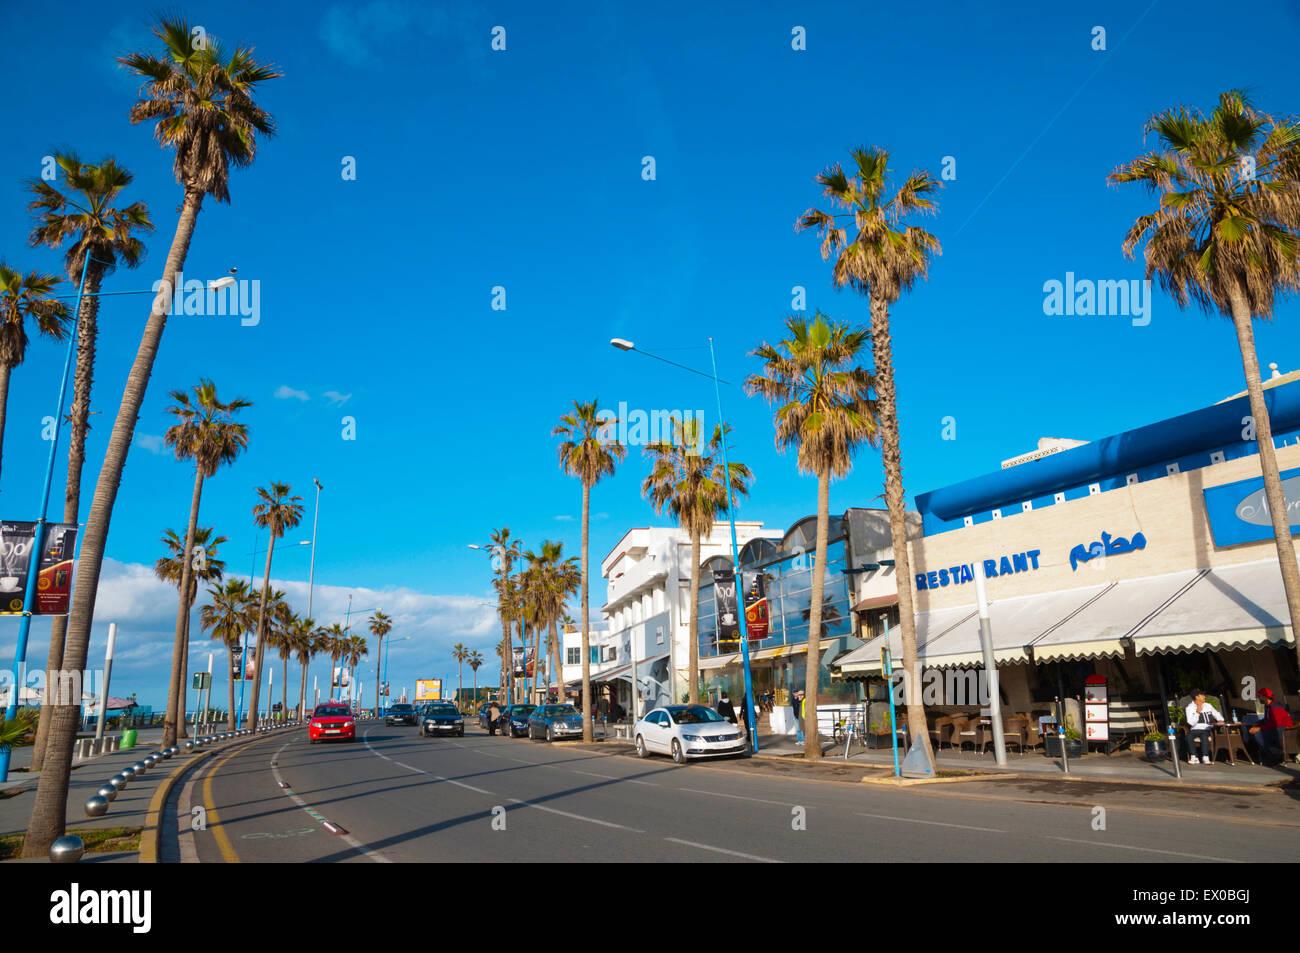 Boulevard de la Corniche, Ain Diab, resort, distretto fuori del centro, Casablanca, Marocco, Africa settentrionale Immagini Stock